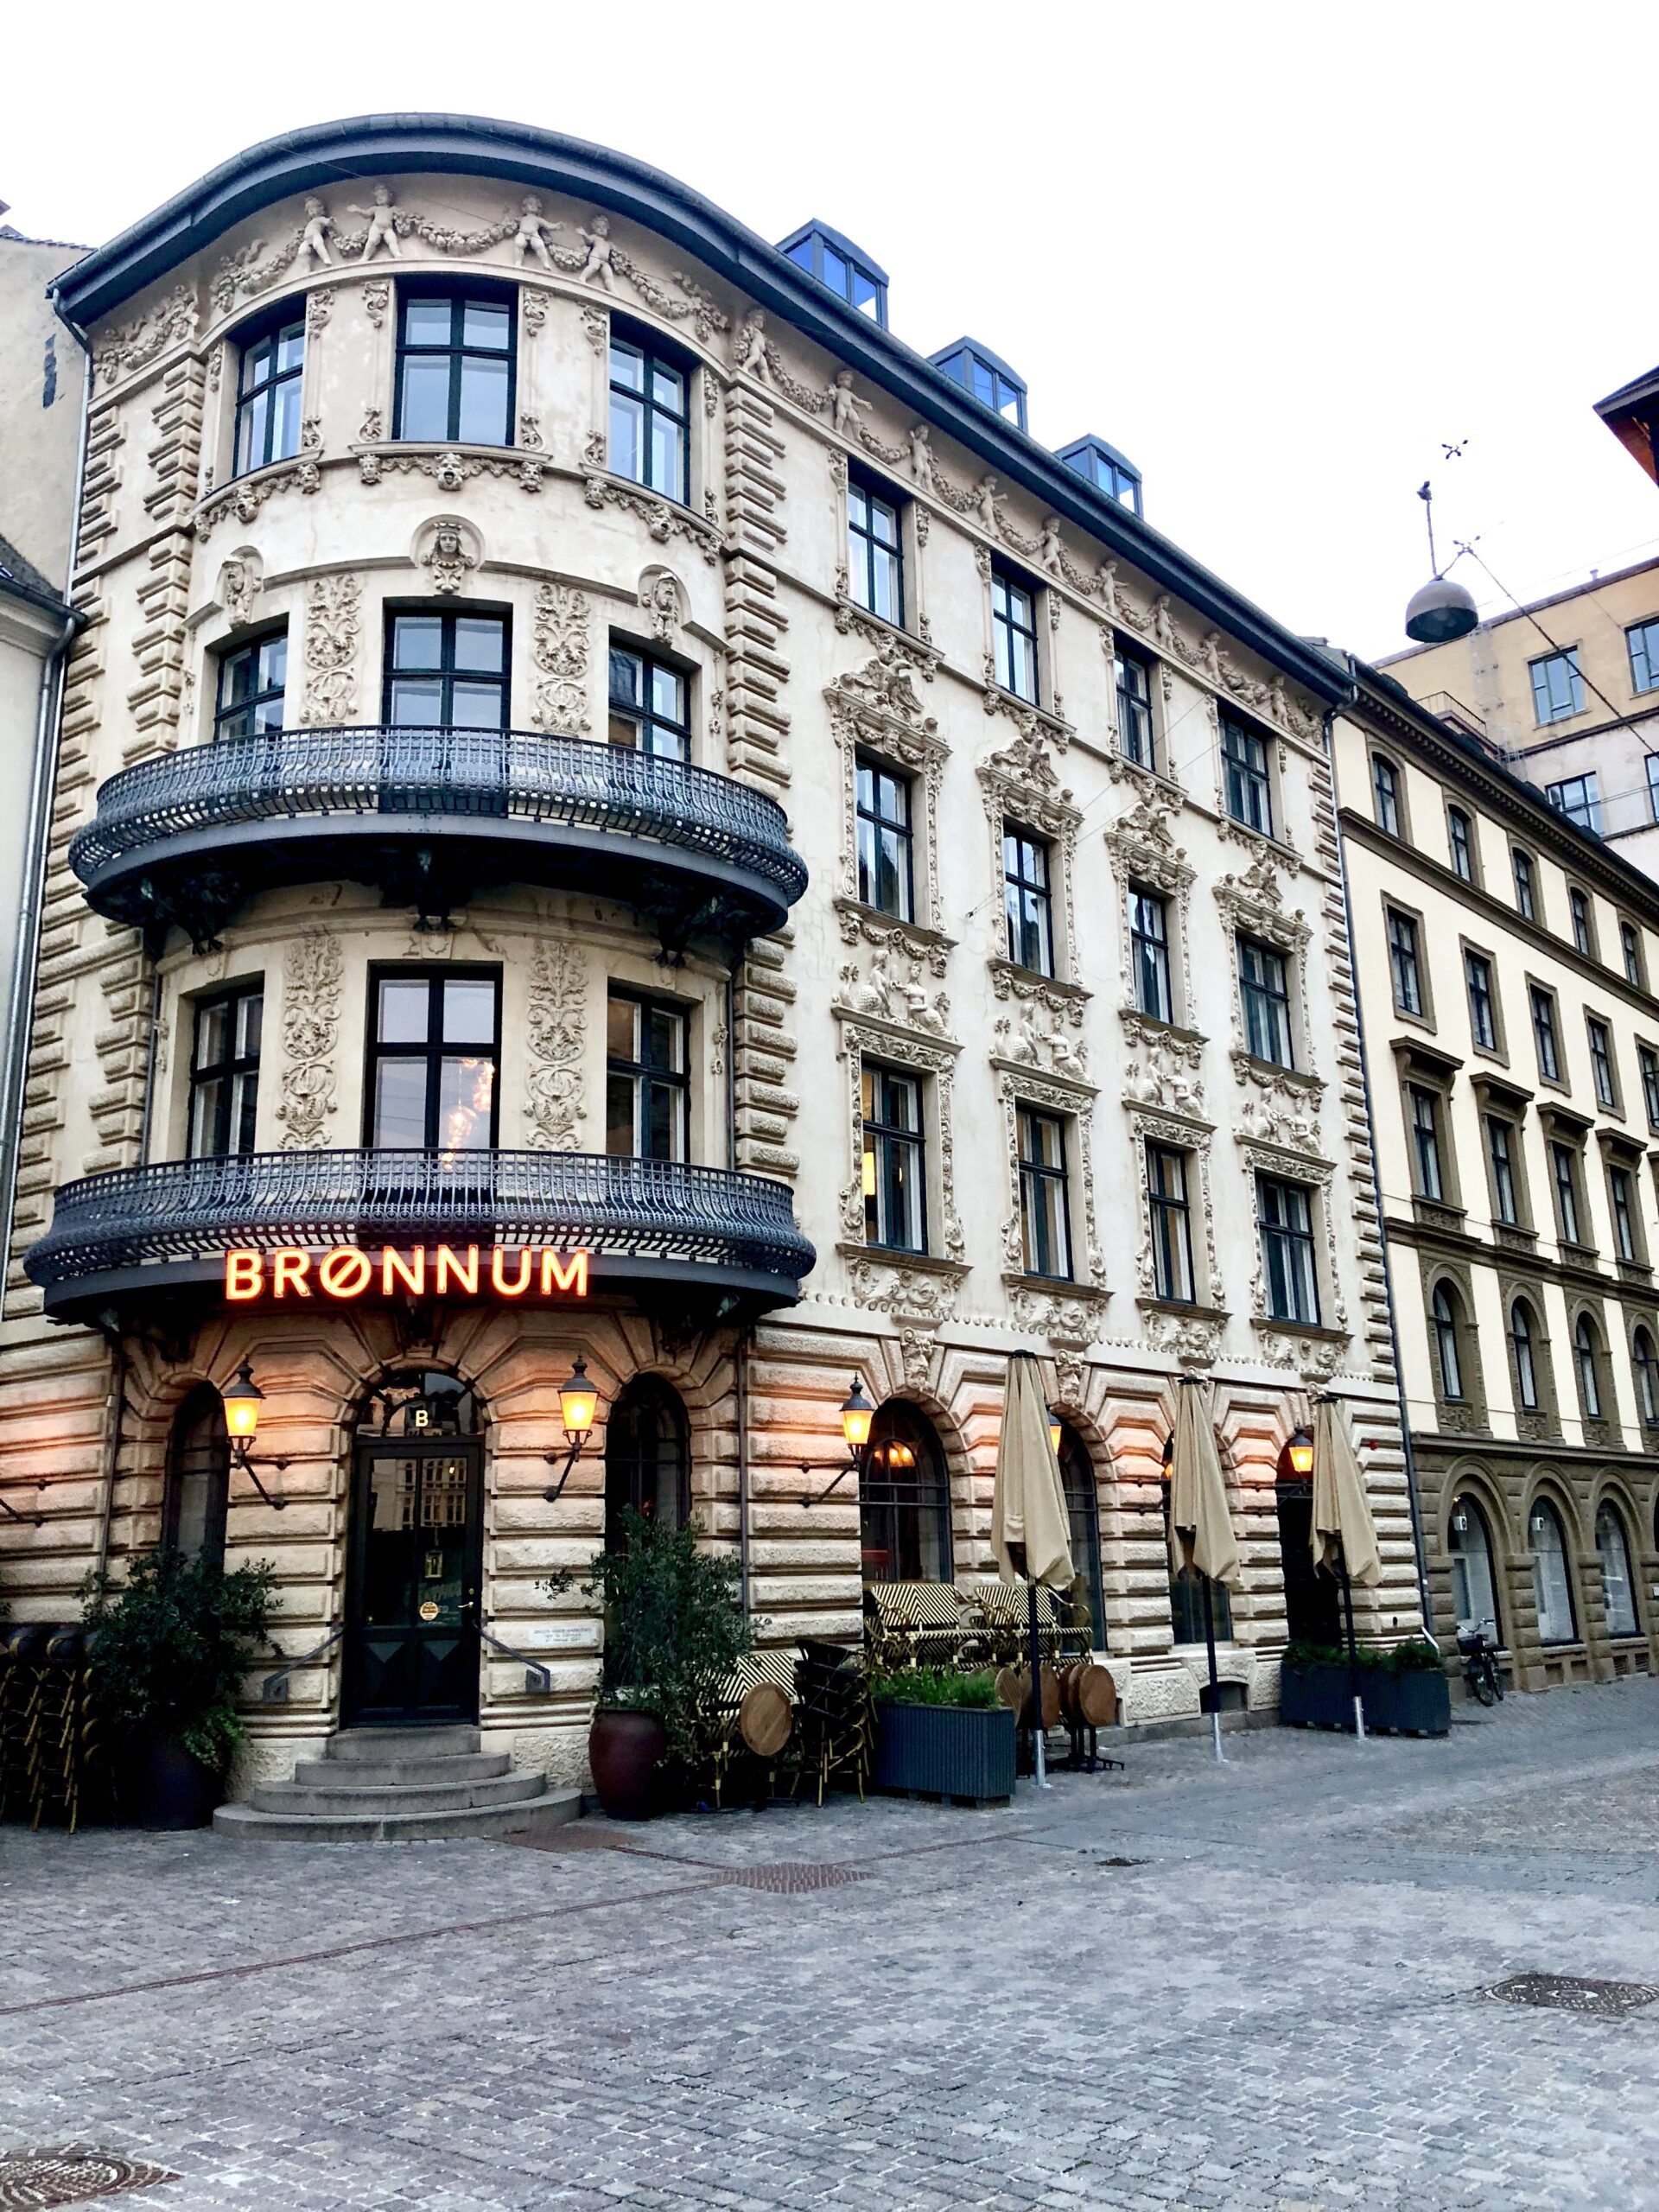 Brönnums Hus